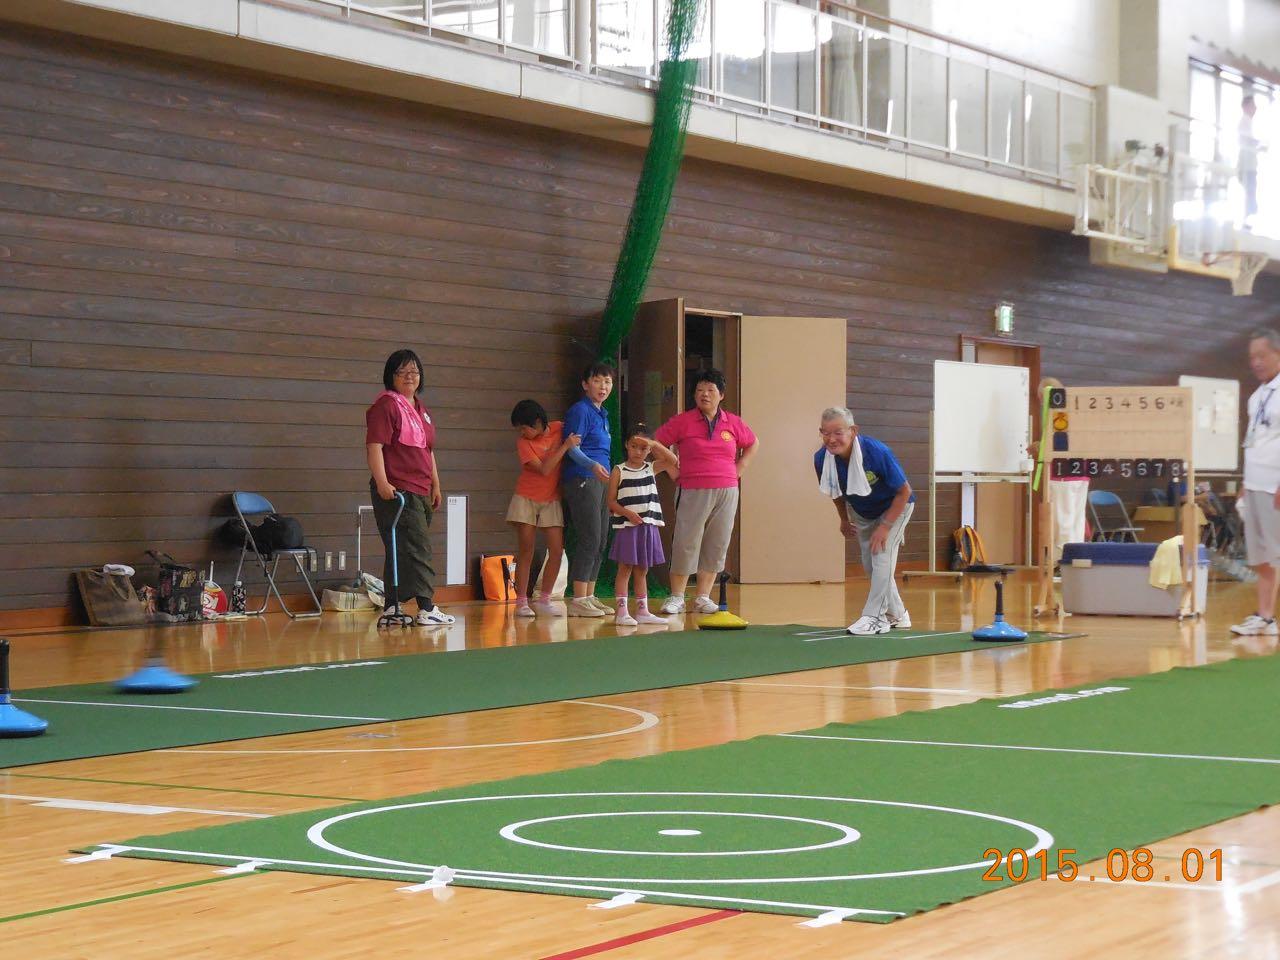 2015-07-31 SCおおさわ スポーツ 021